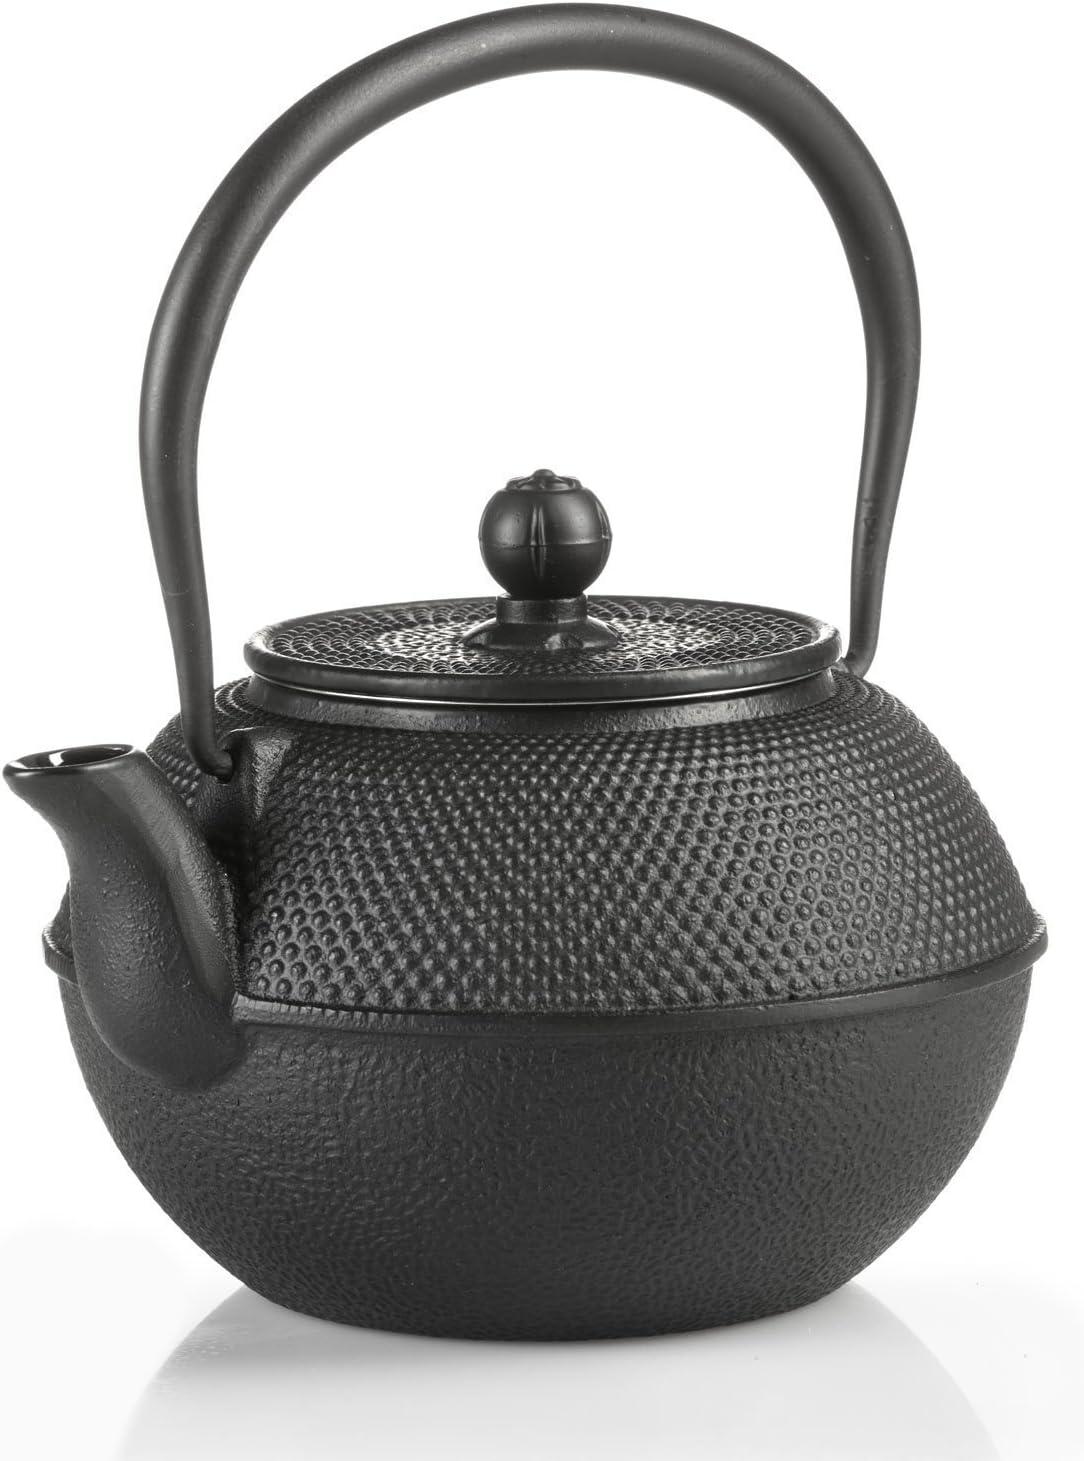 Dimono - Tetera de hierro fundido, hierro fundido, negro, Teekanne 1300ml